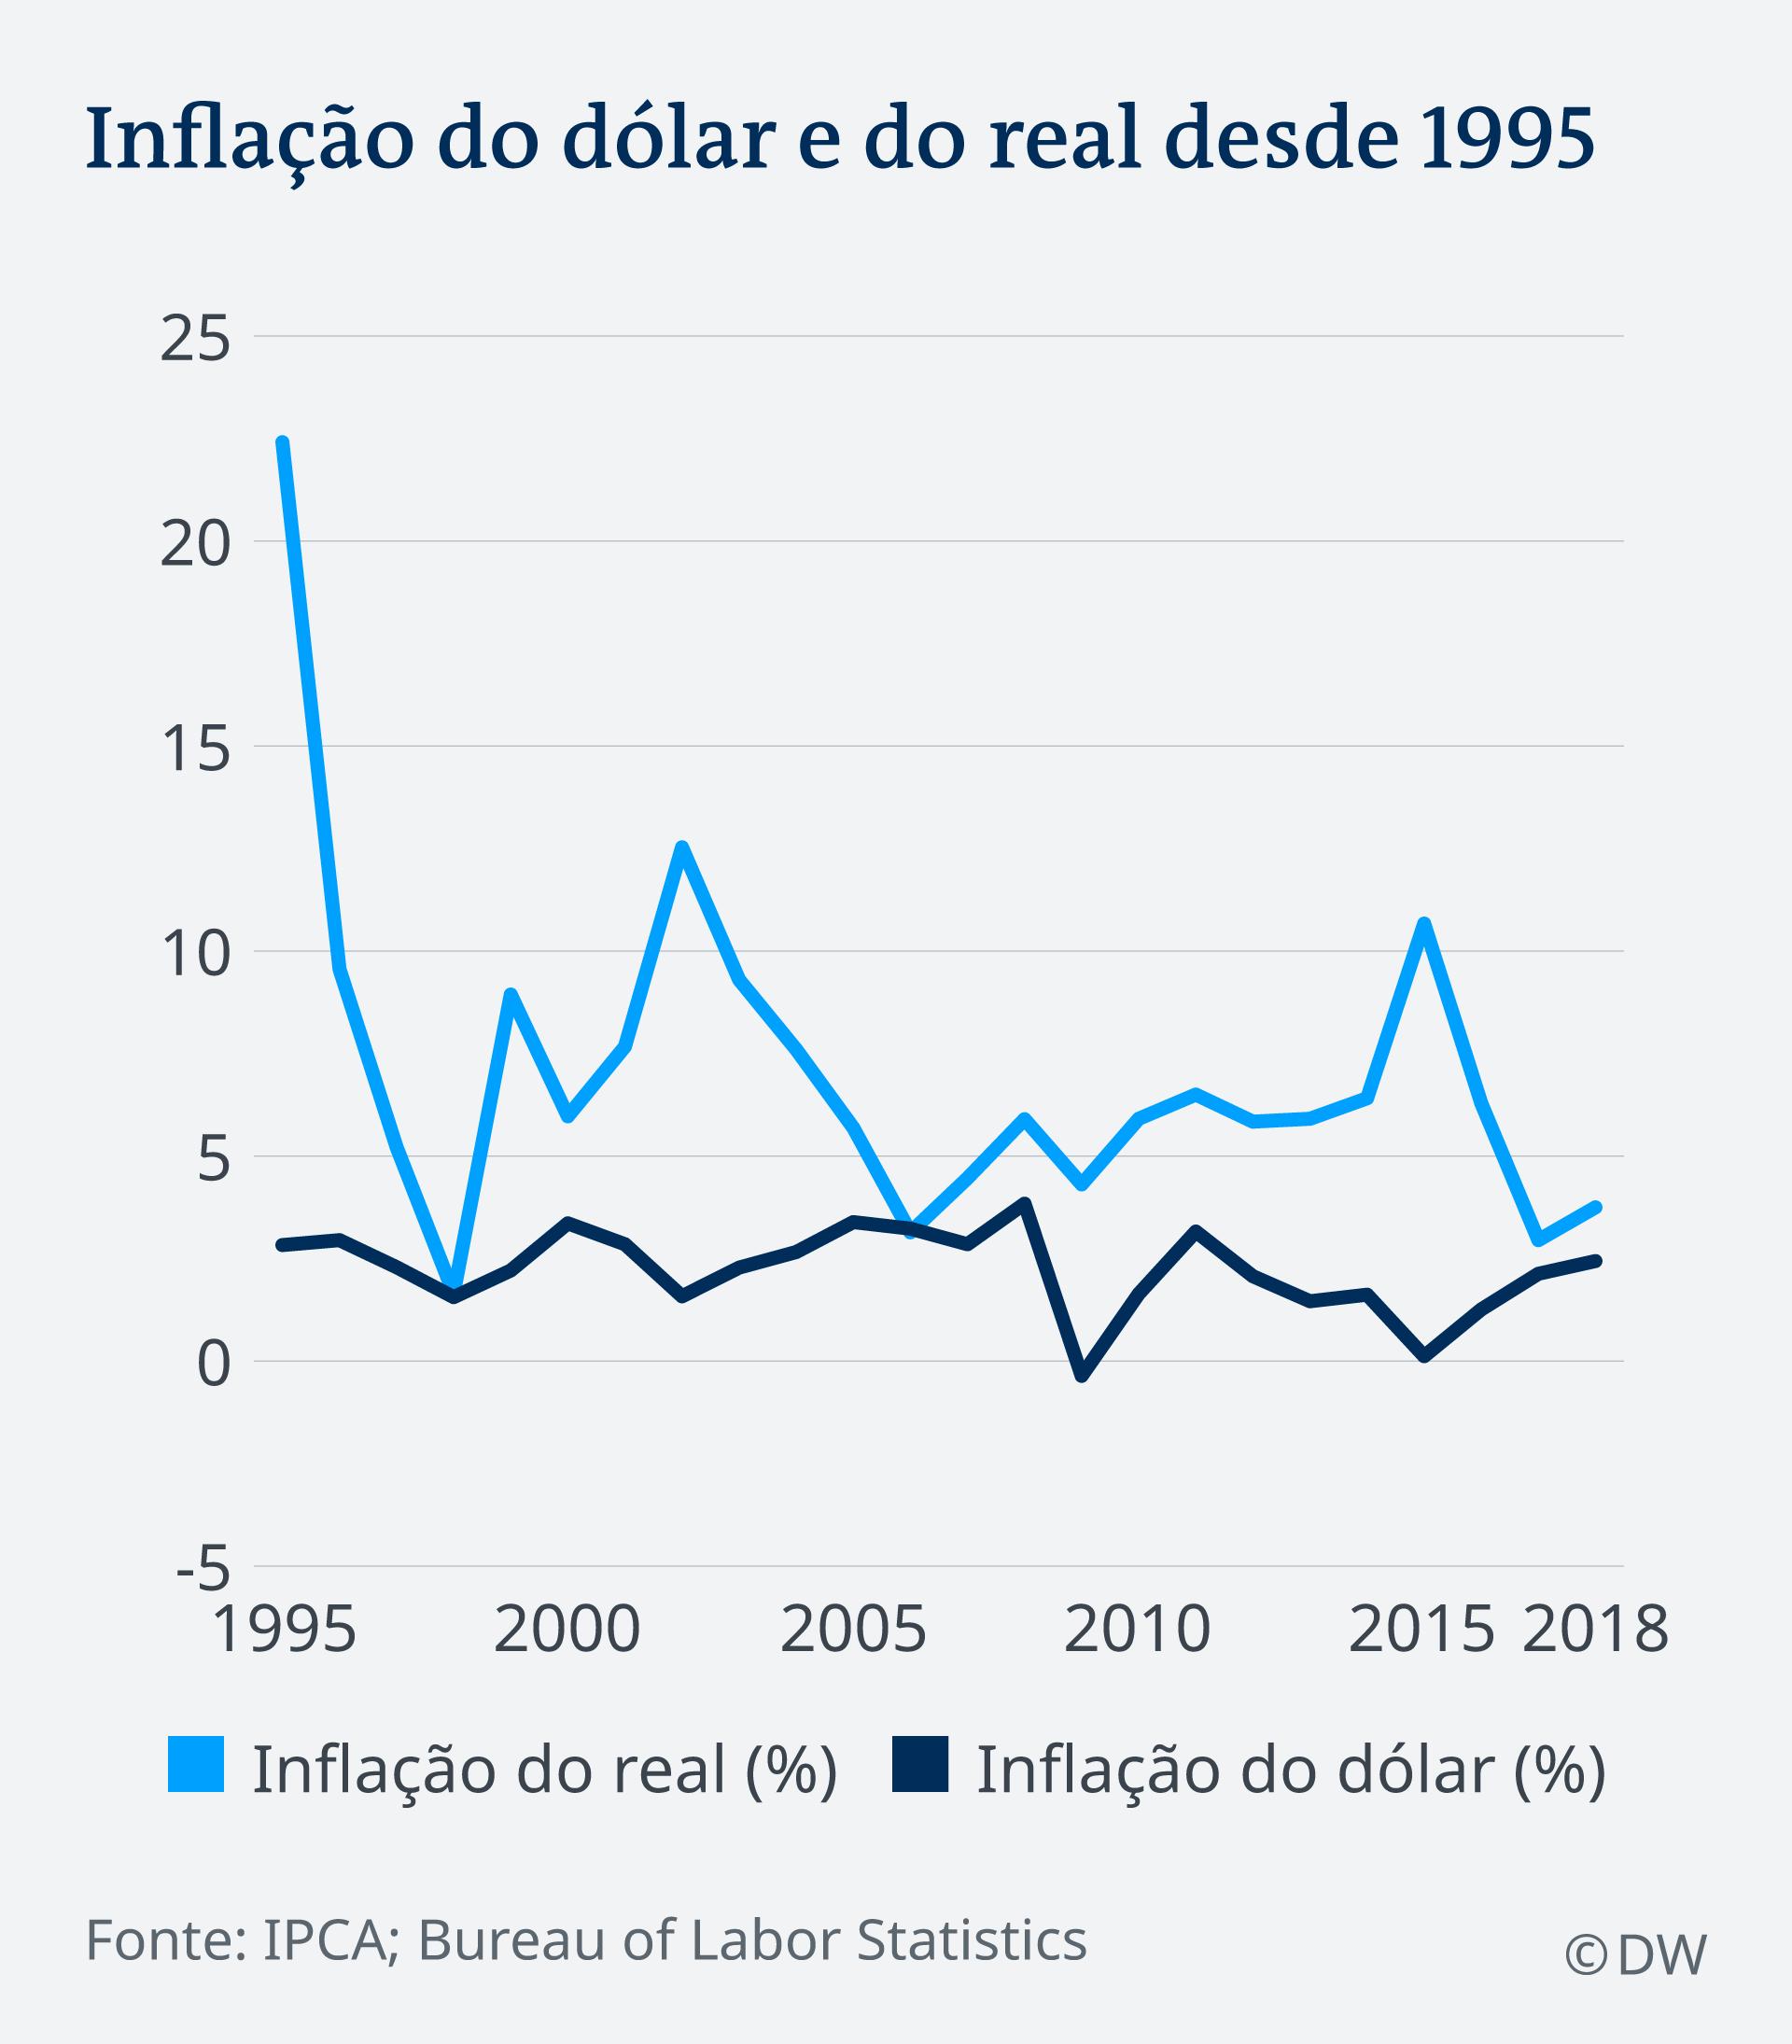 Infográfico sobre a inflação do dólar e do real desde 2005